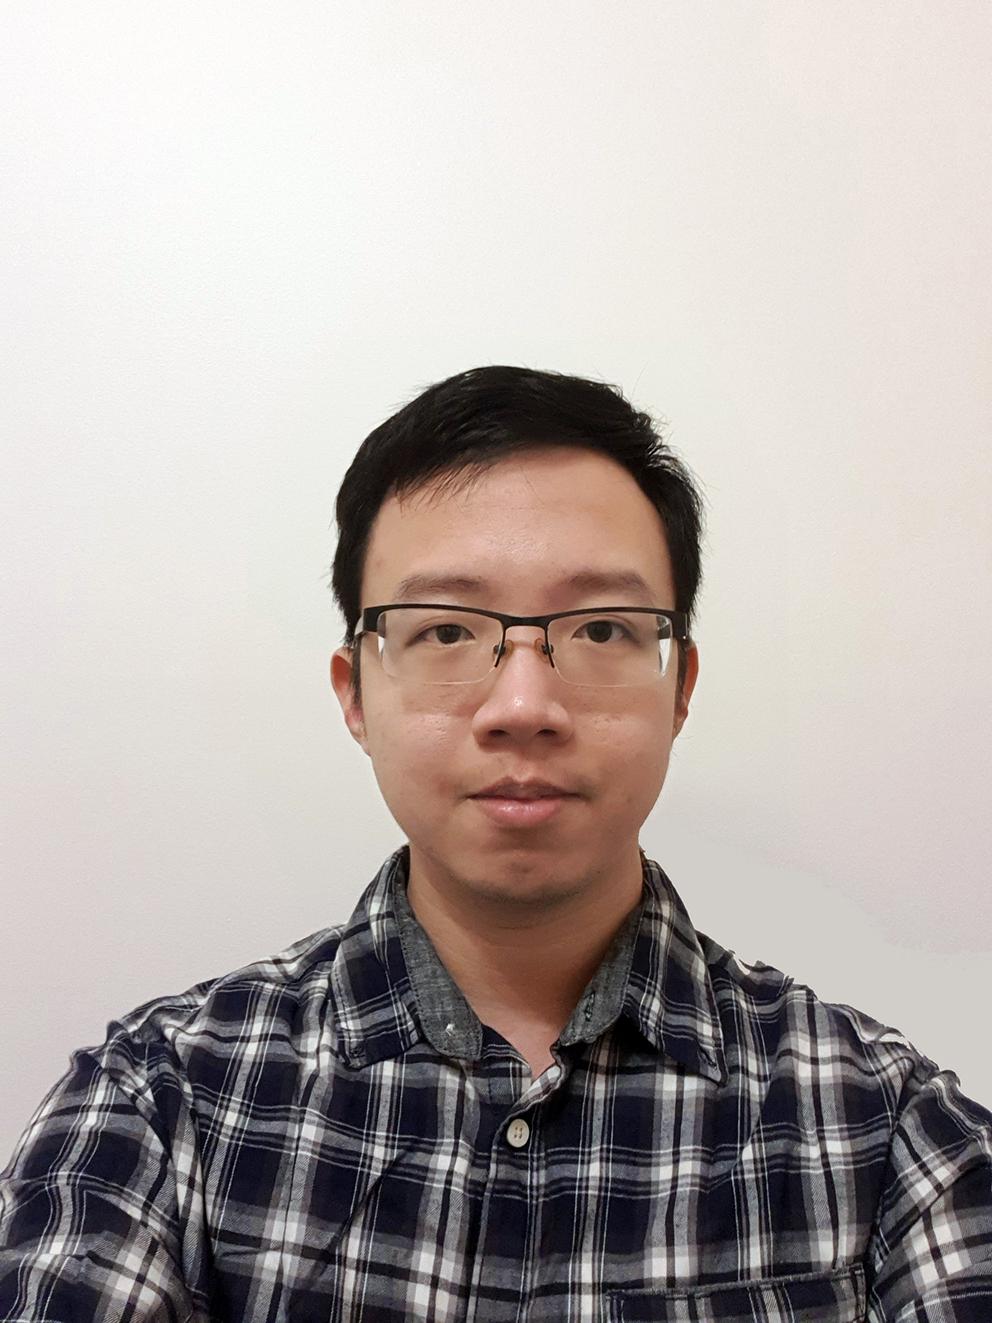 Felix Luong